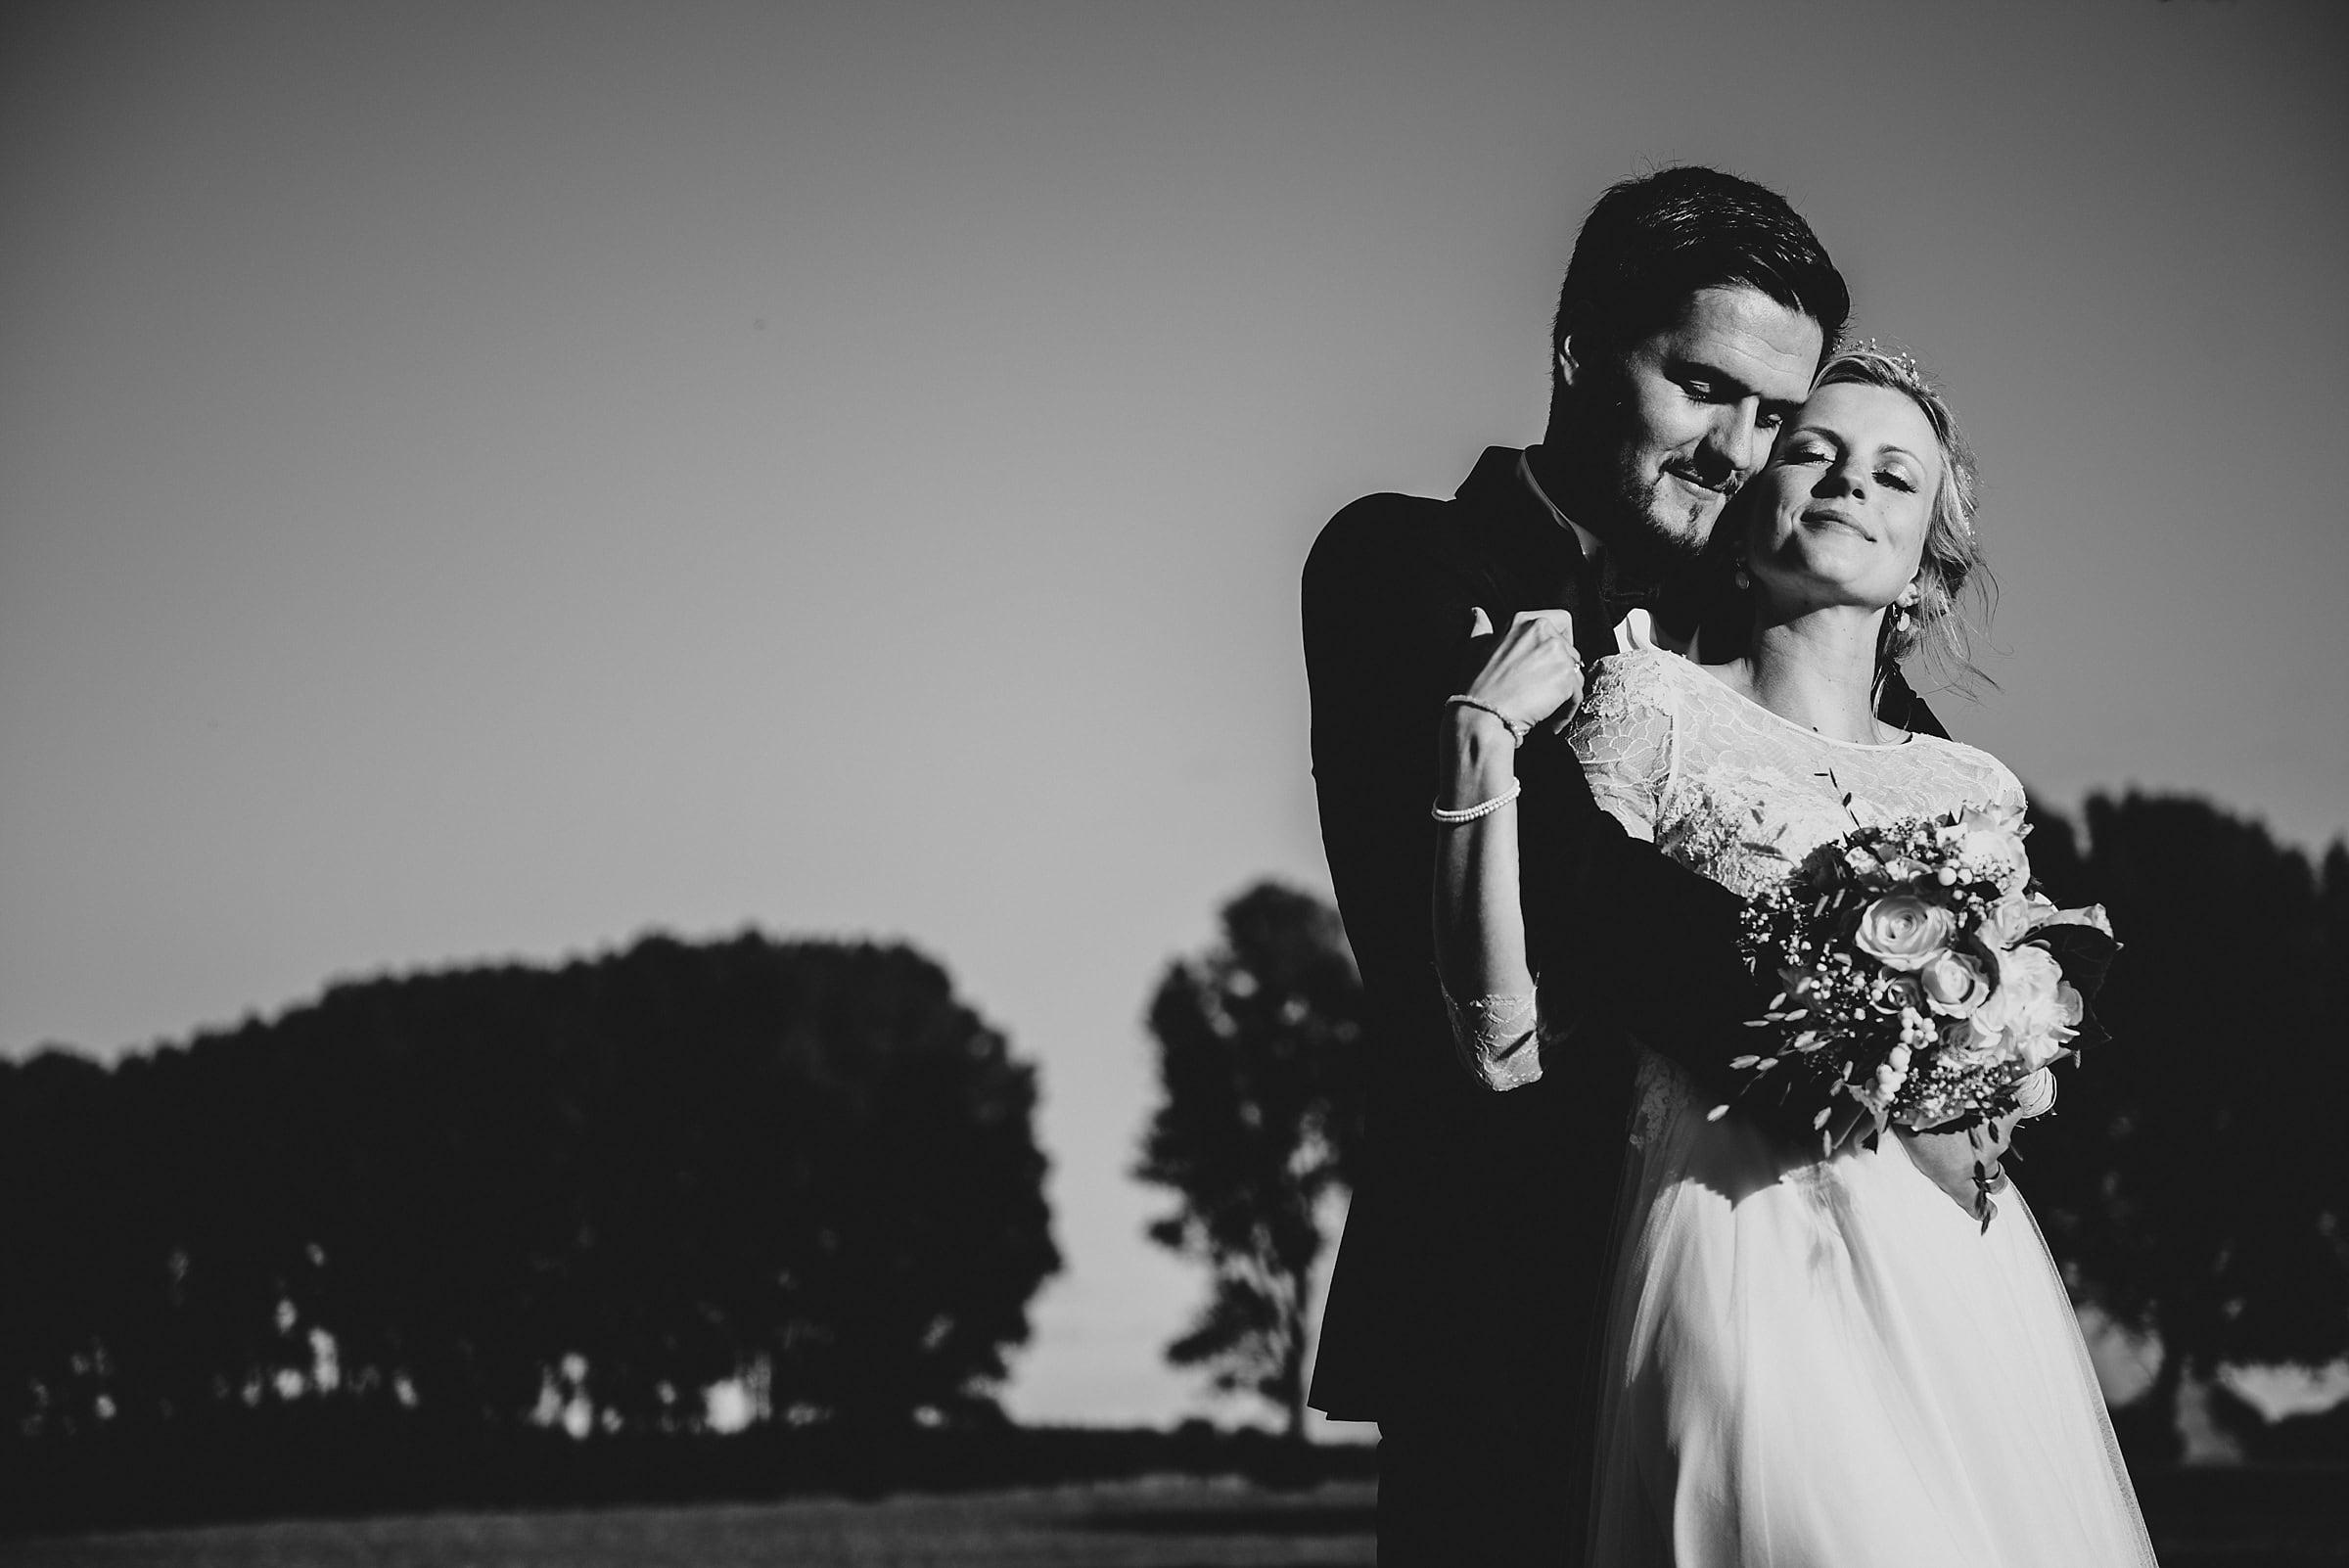 Hochzeitsfotografie Hamburg-Frau-Siemers-Gut Basthorst- Brautpaar genießt die Sonne und kuschelt